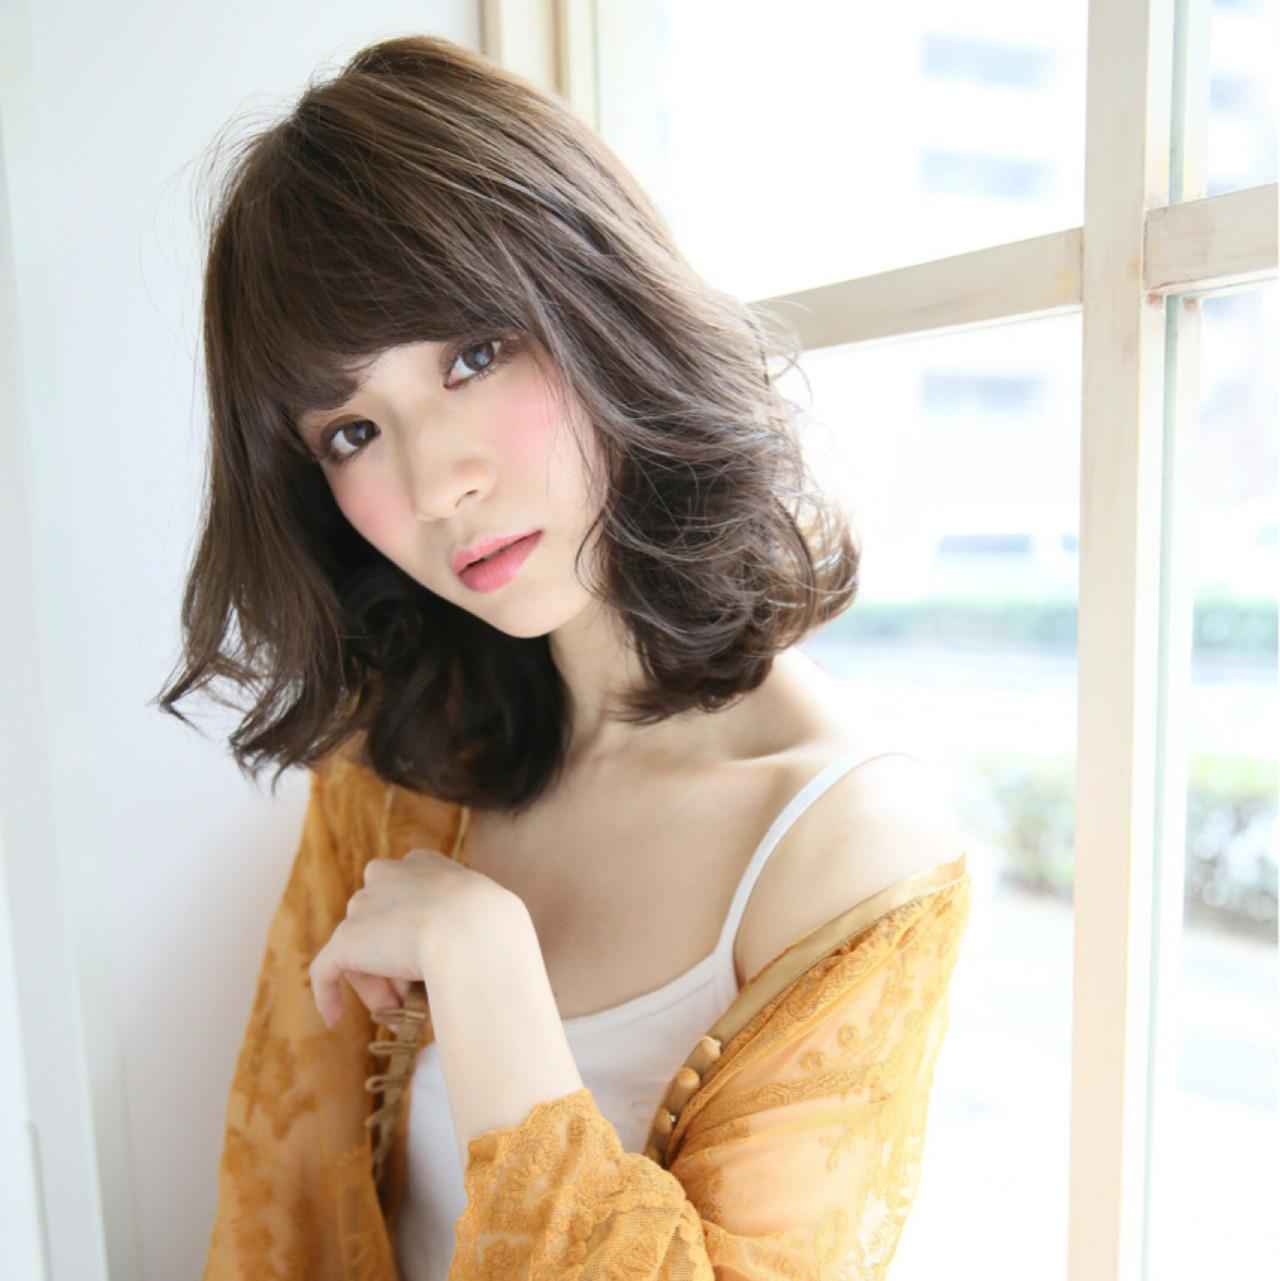 ミディアム エレガント 上品 外国人風 ヘアスタイルや髪型の写真・画像